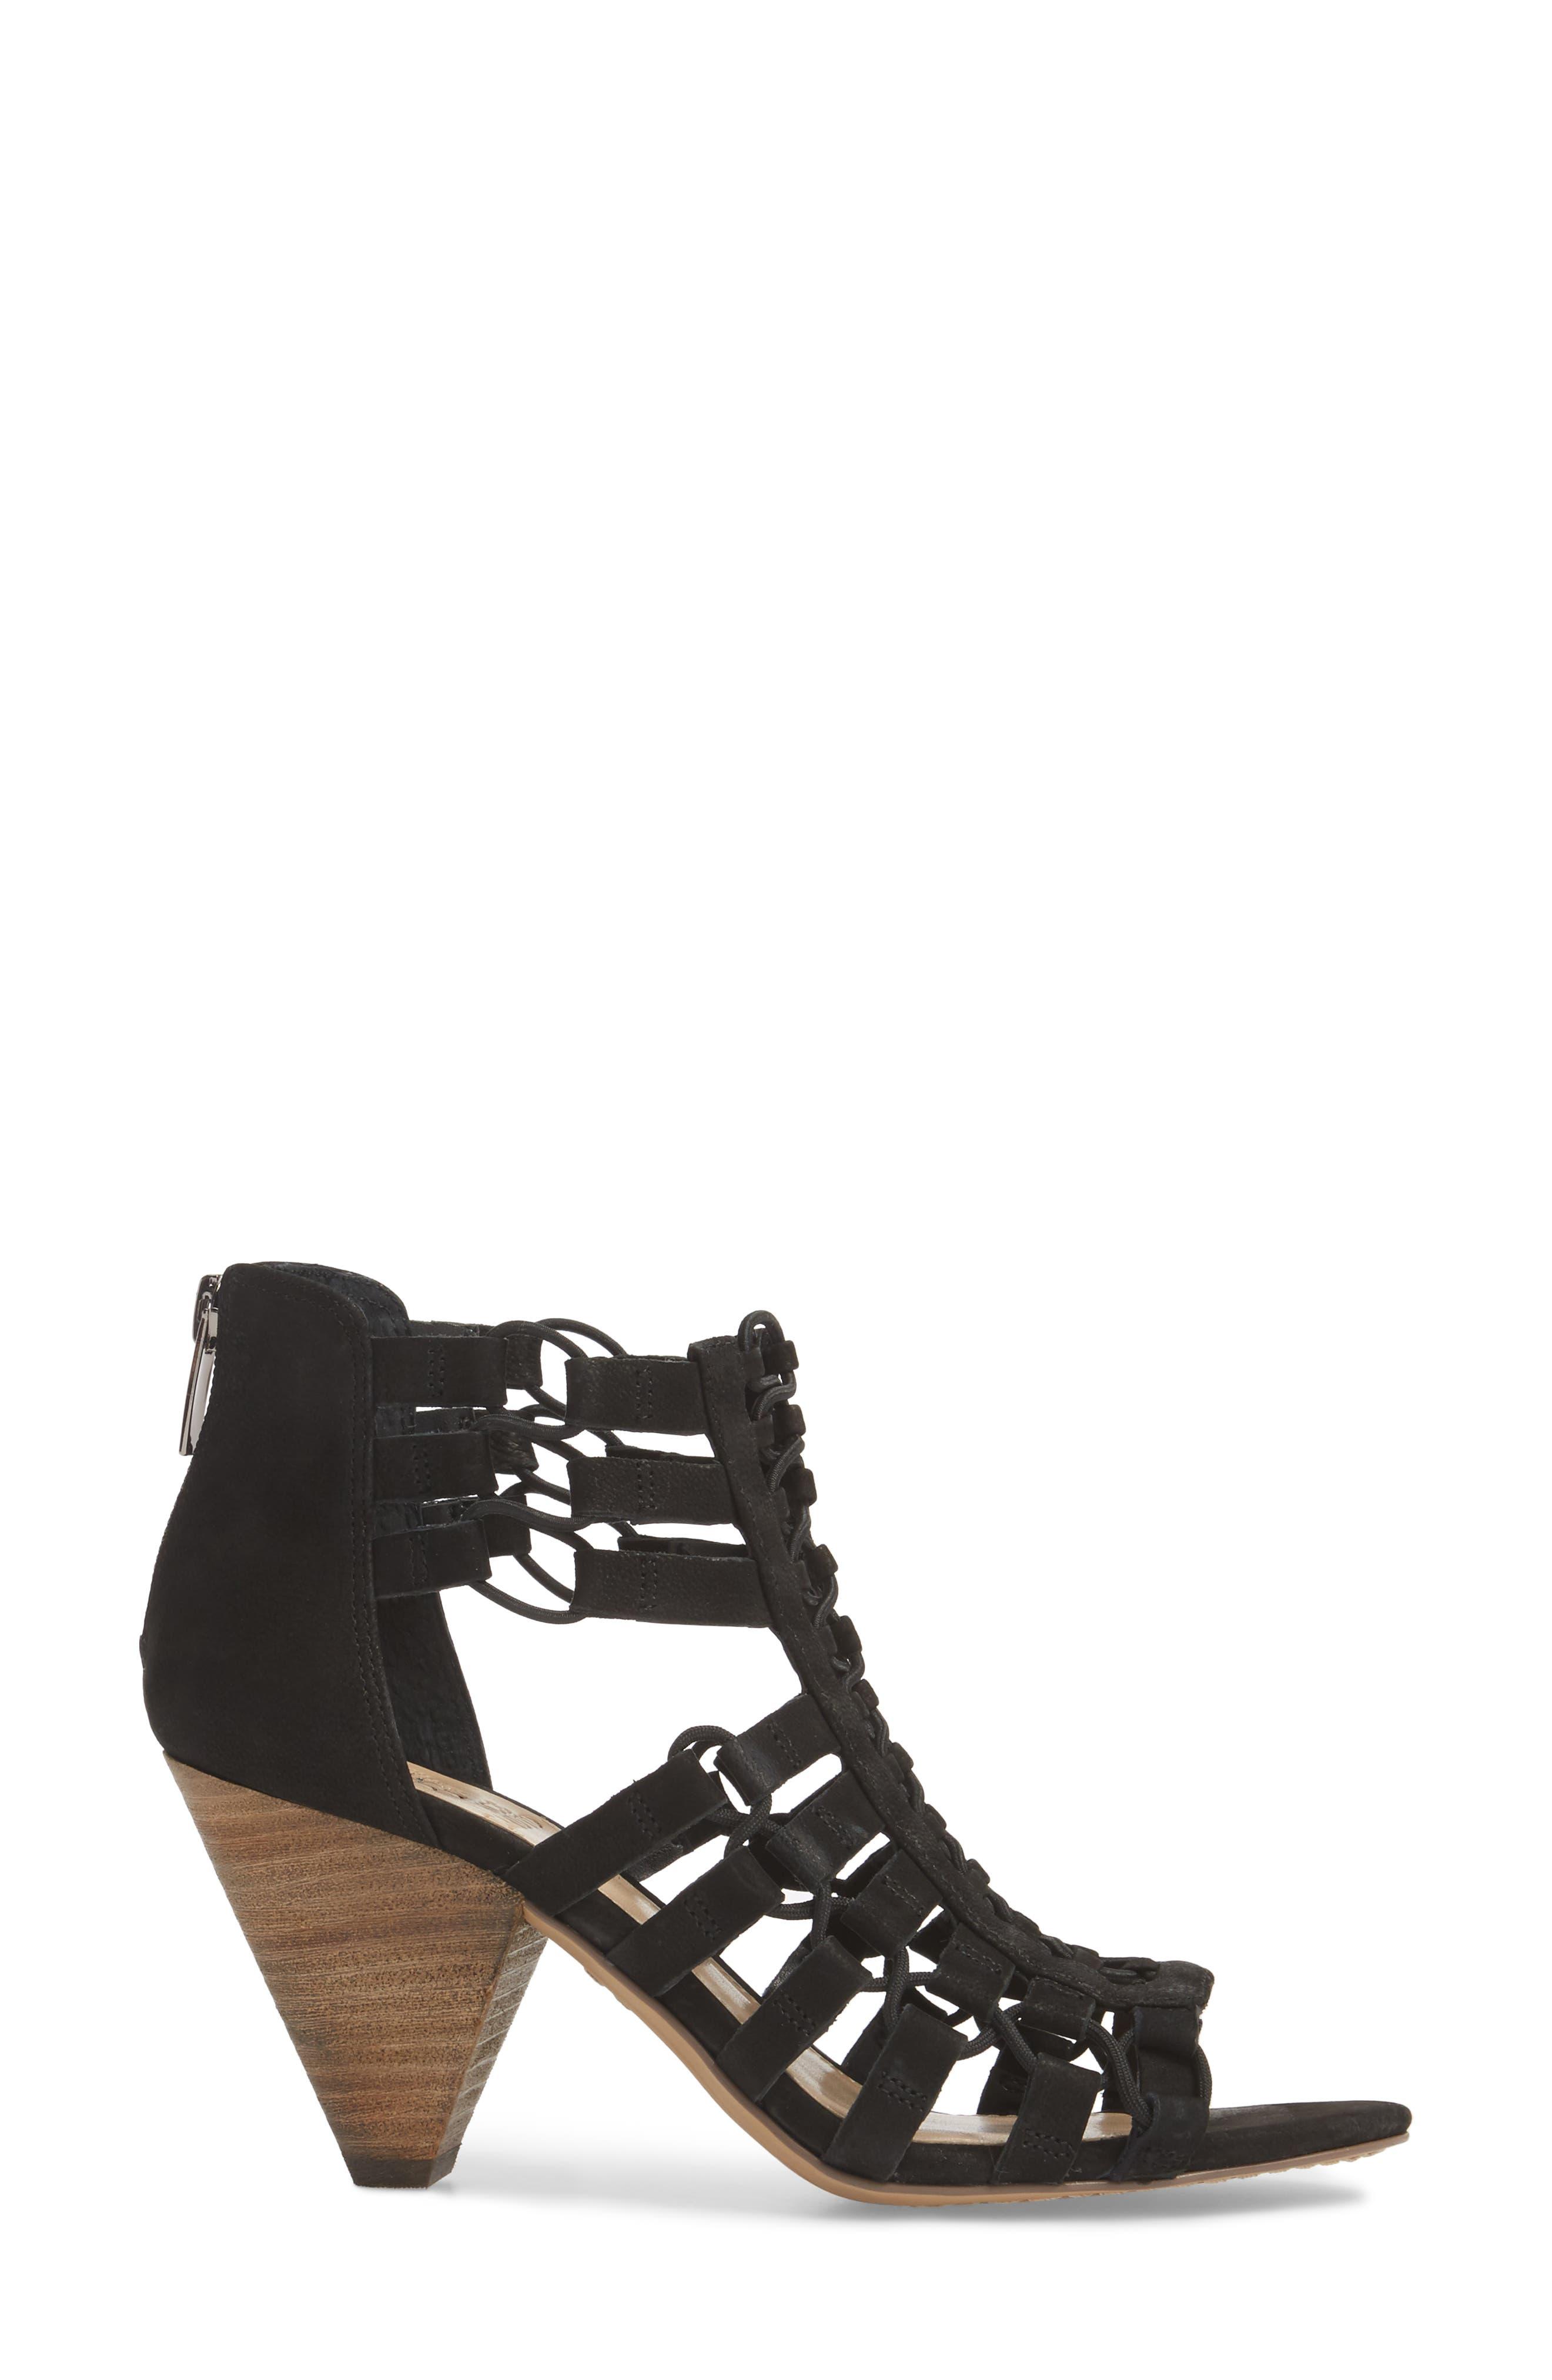 Elanso Sandal,                             Alternate thumbnail 3, color,                             Black Leather